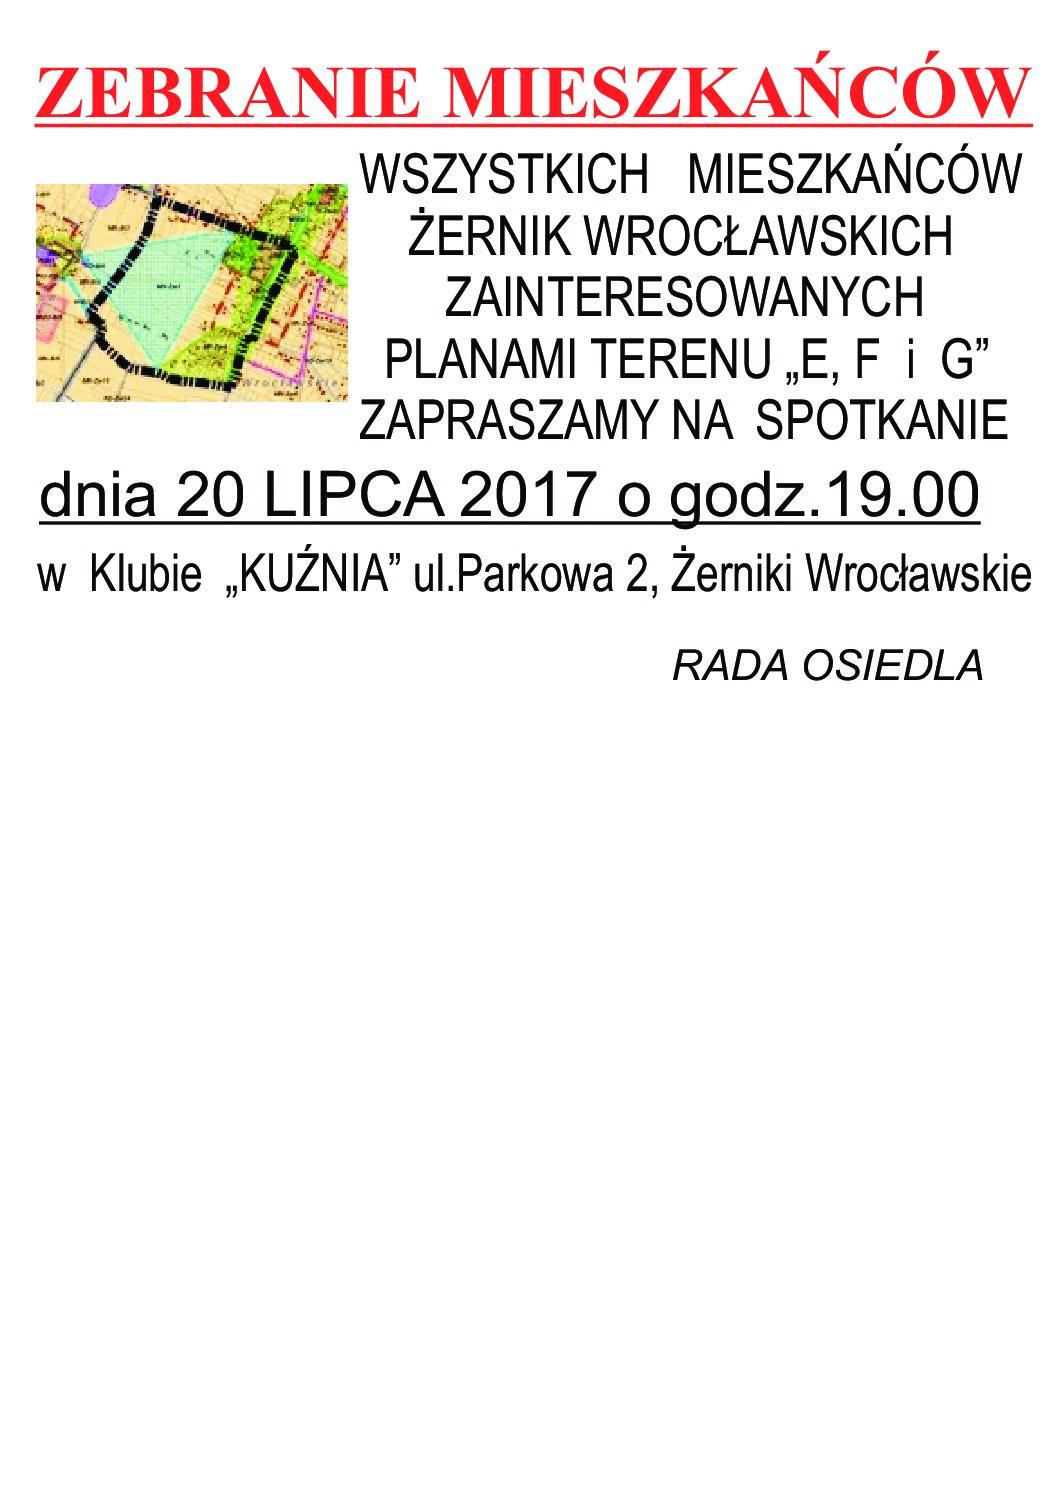 Zebranie mieszkańców Żerniki Wrocławskie teren E,F i G - 20.07.2017 o godz. 19.00